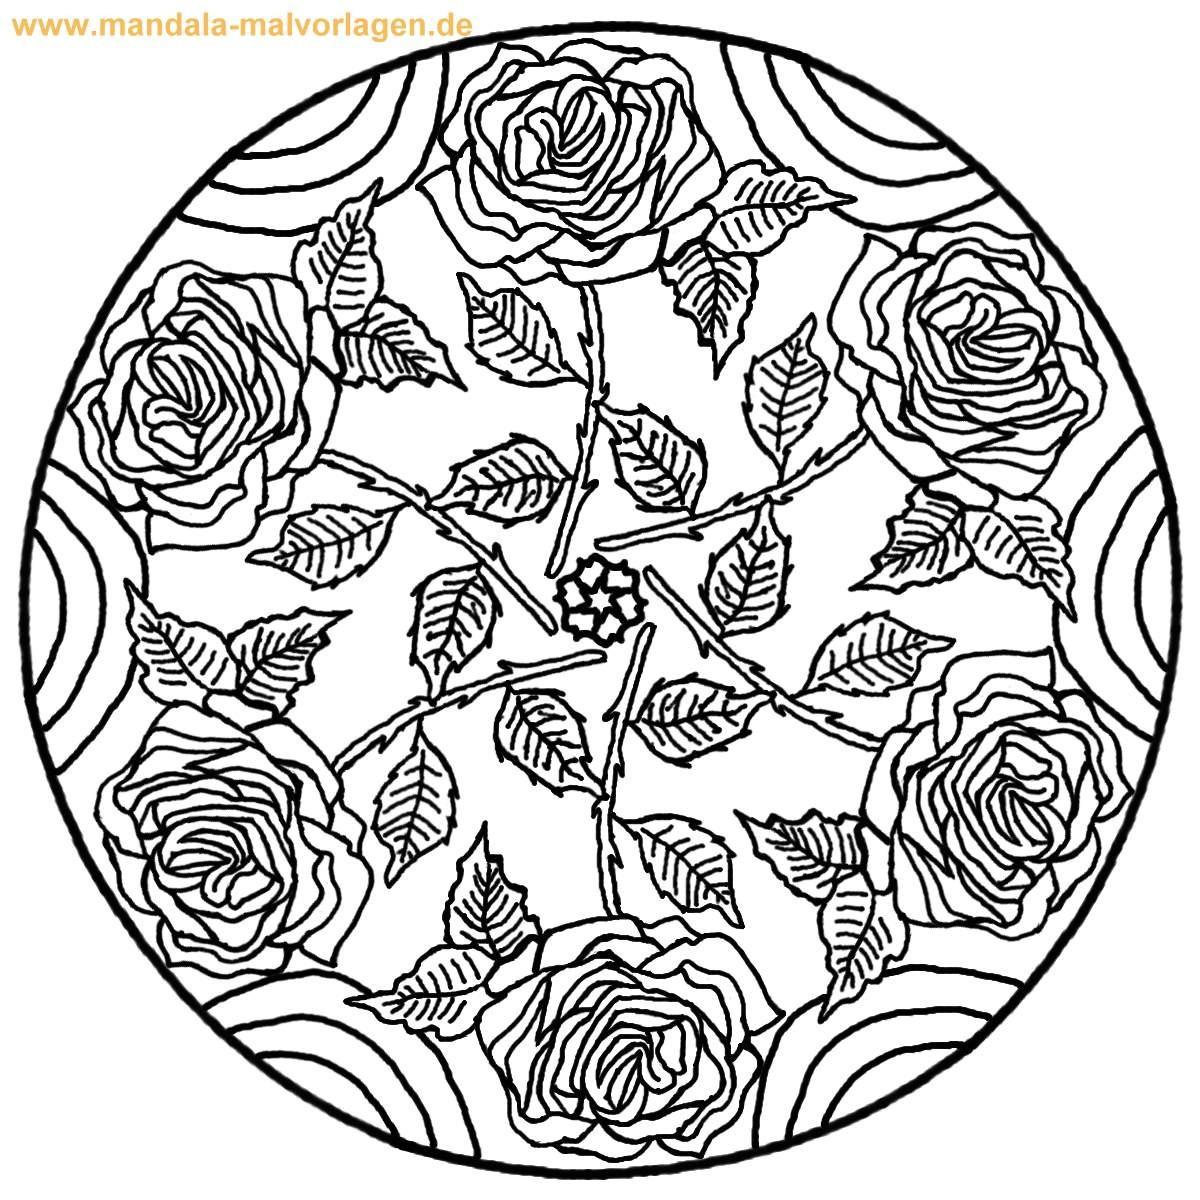 Rosen Ausmalbilder  Ausmalbilder Blumen Mandalas Rosen Mandala